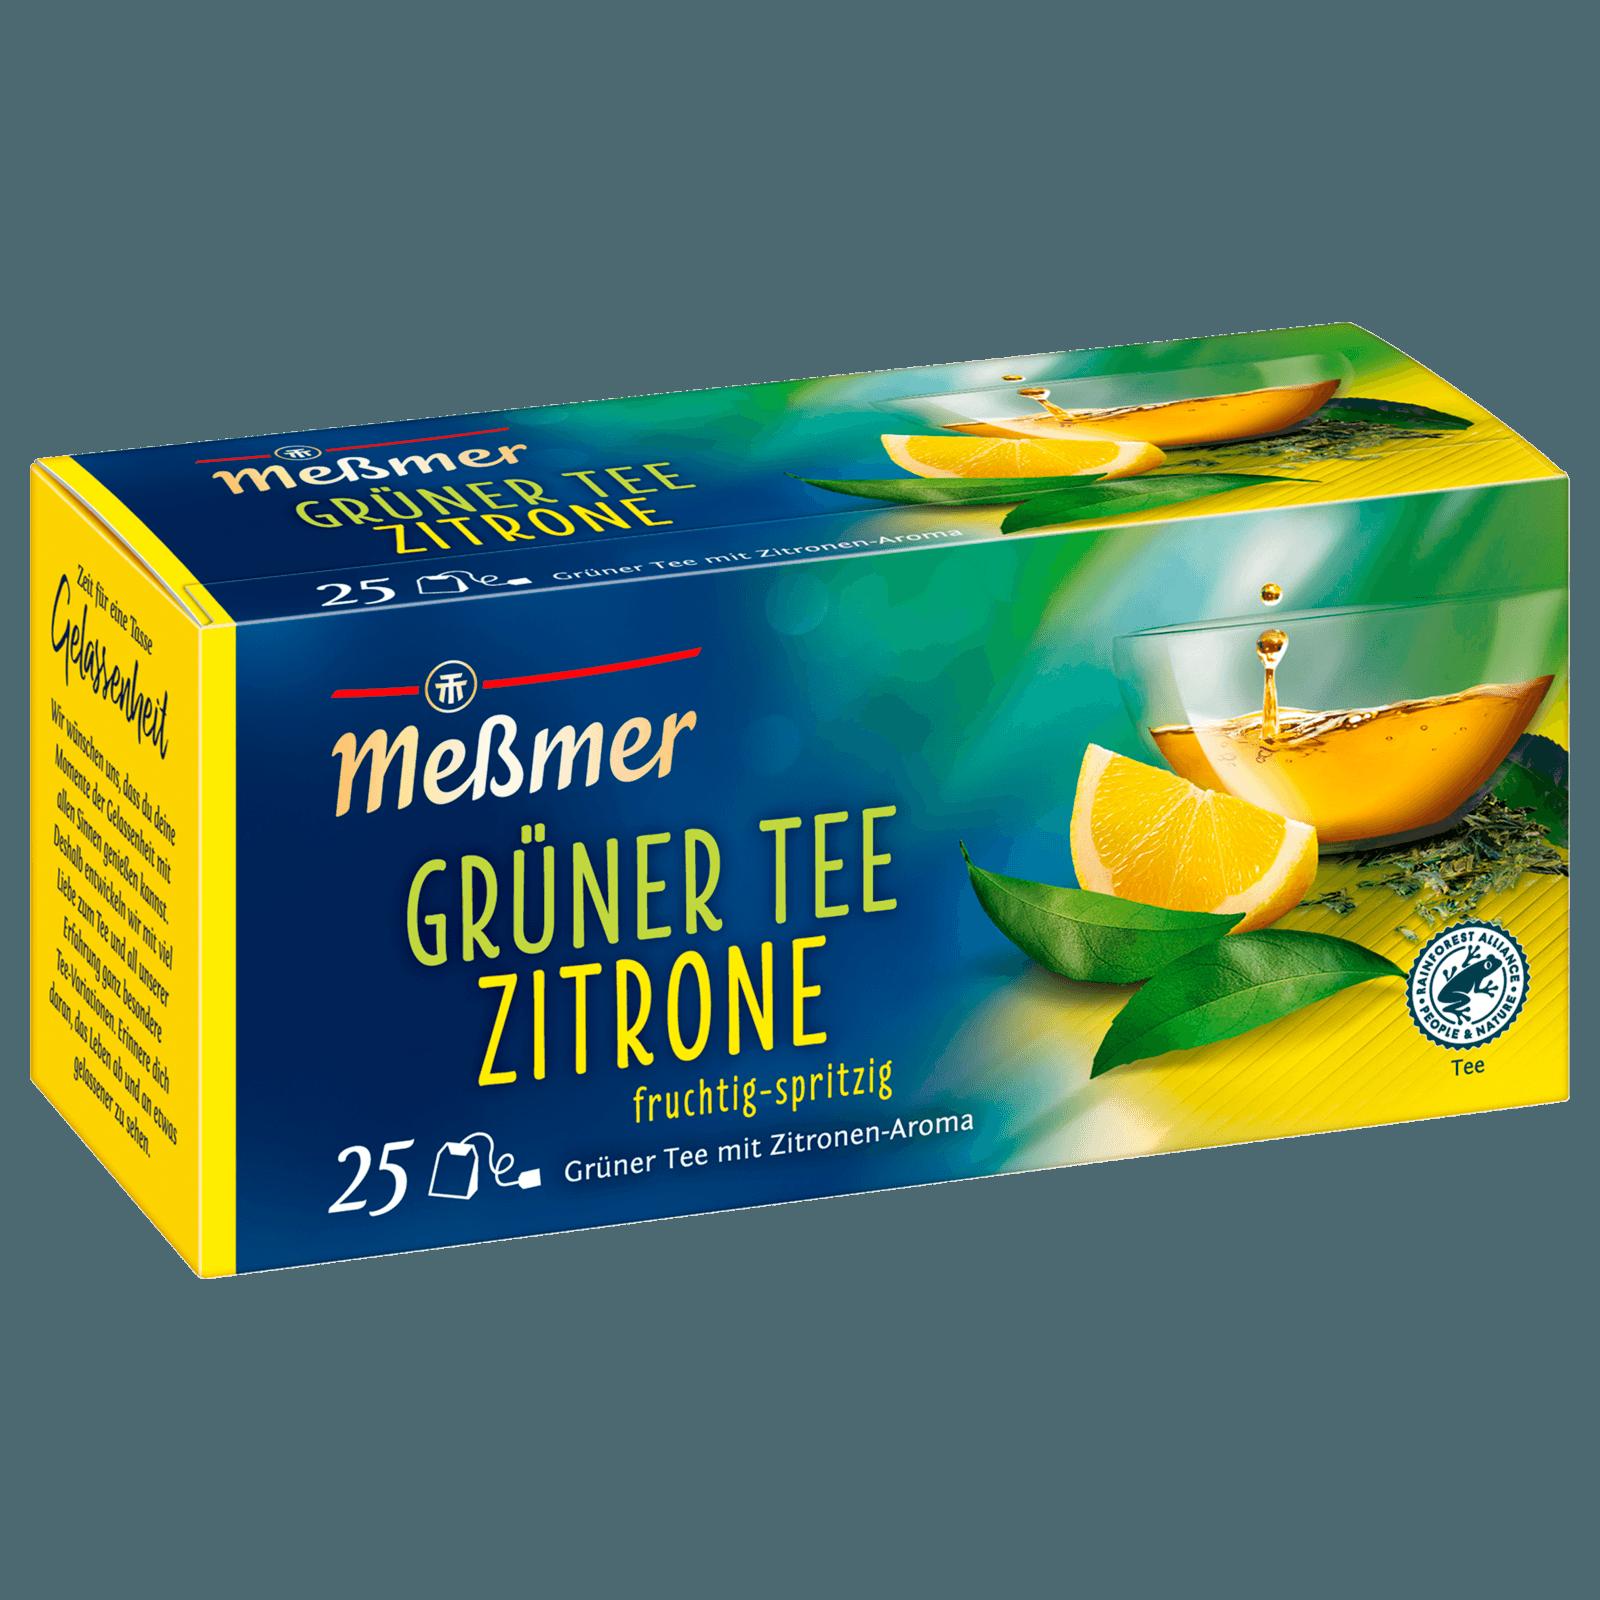 Meßmer Grüner Tee Zitrone 44g, 25 Beutel bei REWE online bestellen!